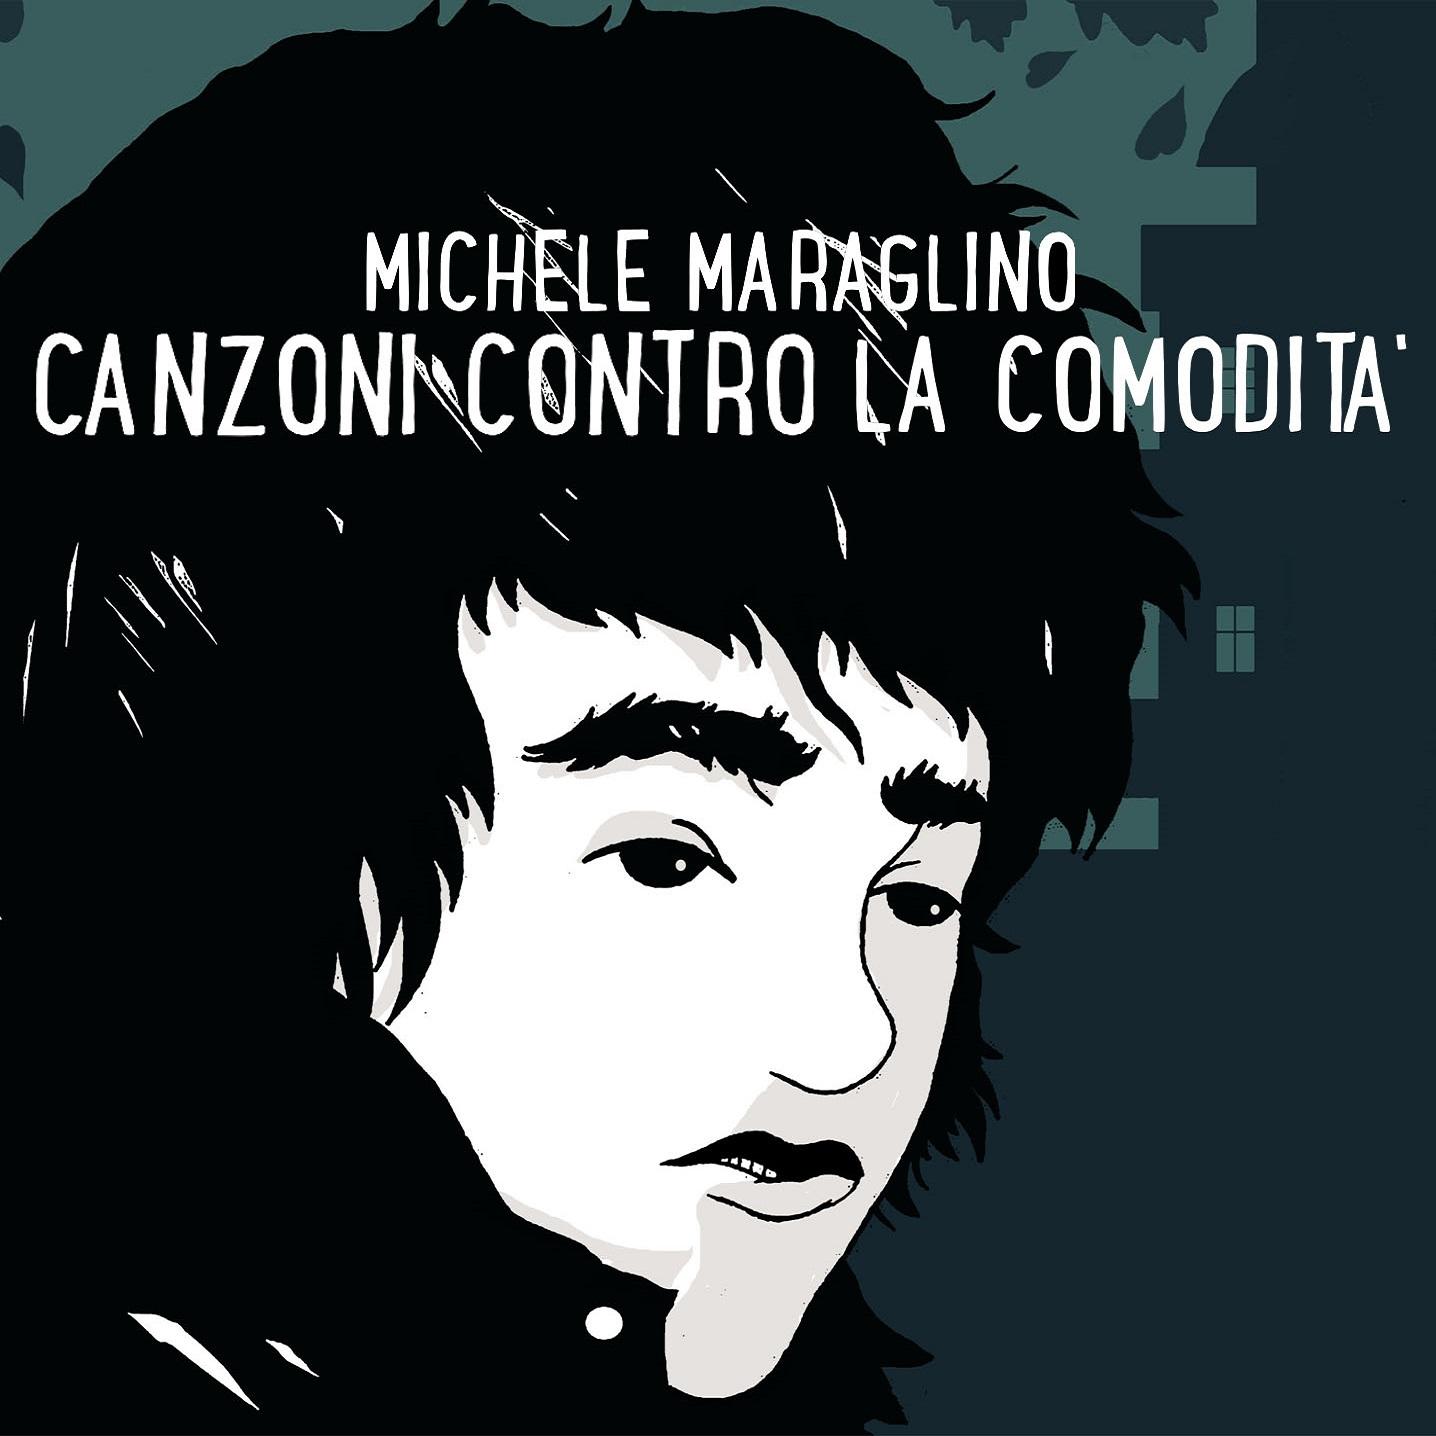 Michele Maraglino cover front quadrata